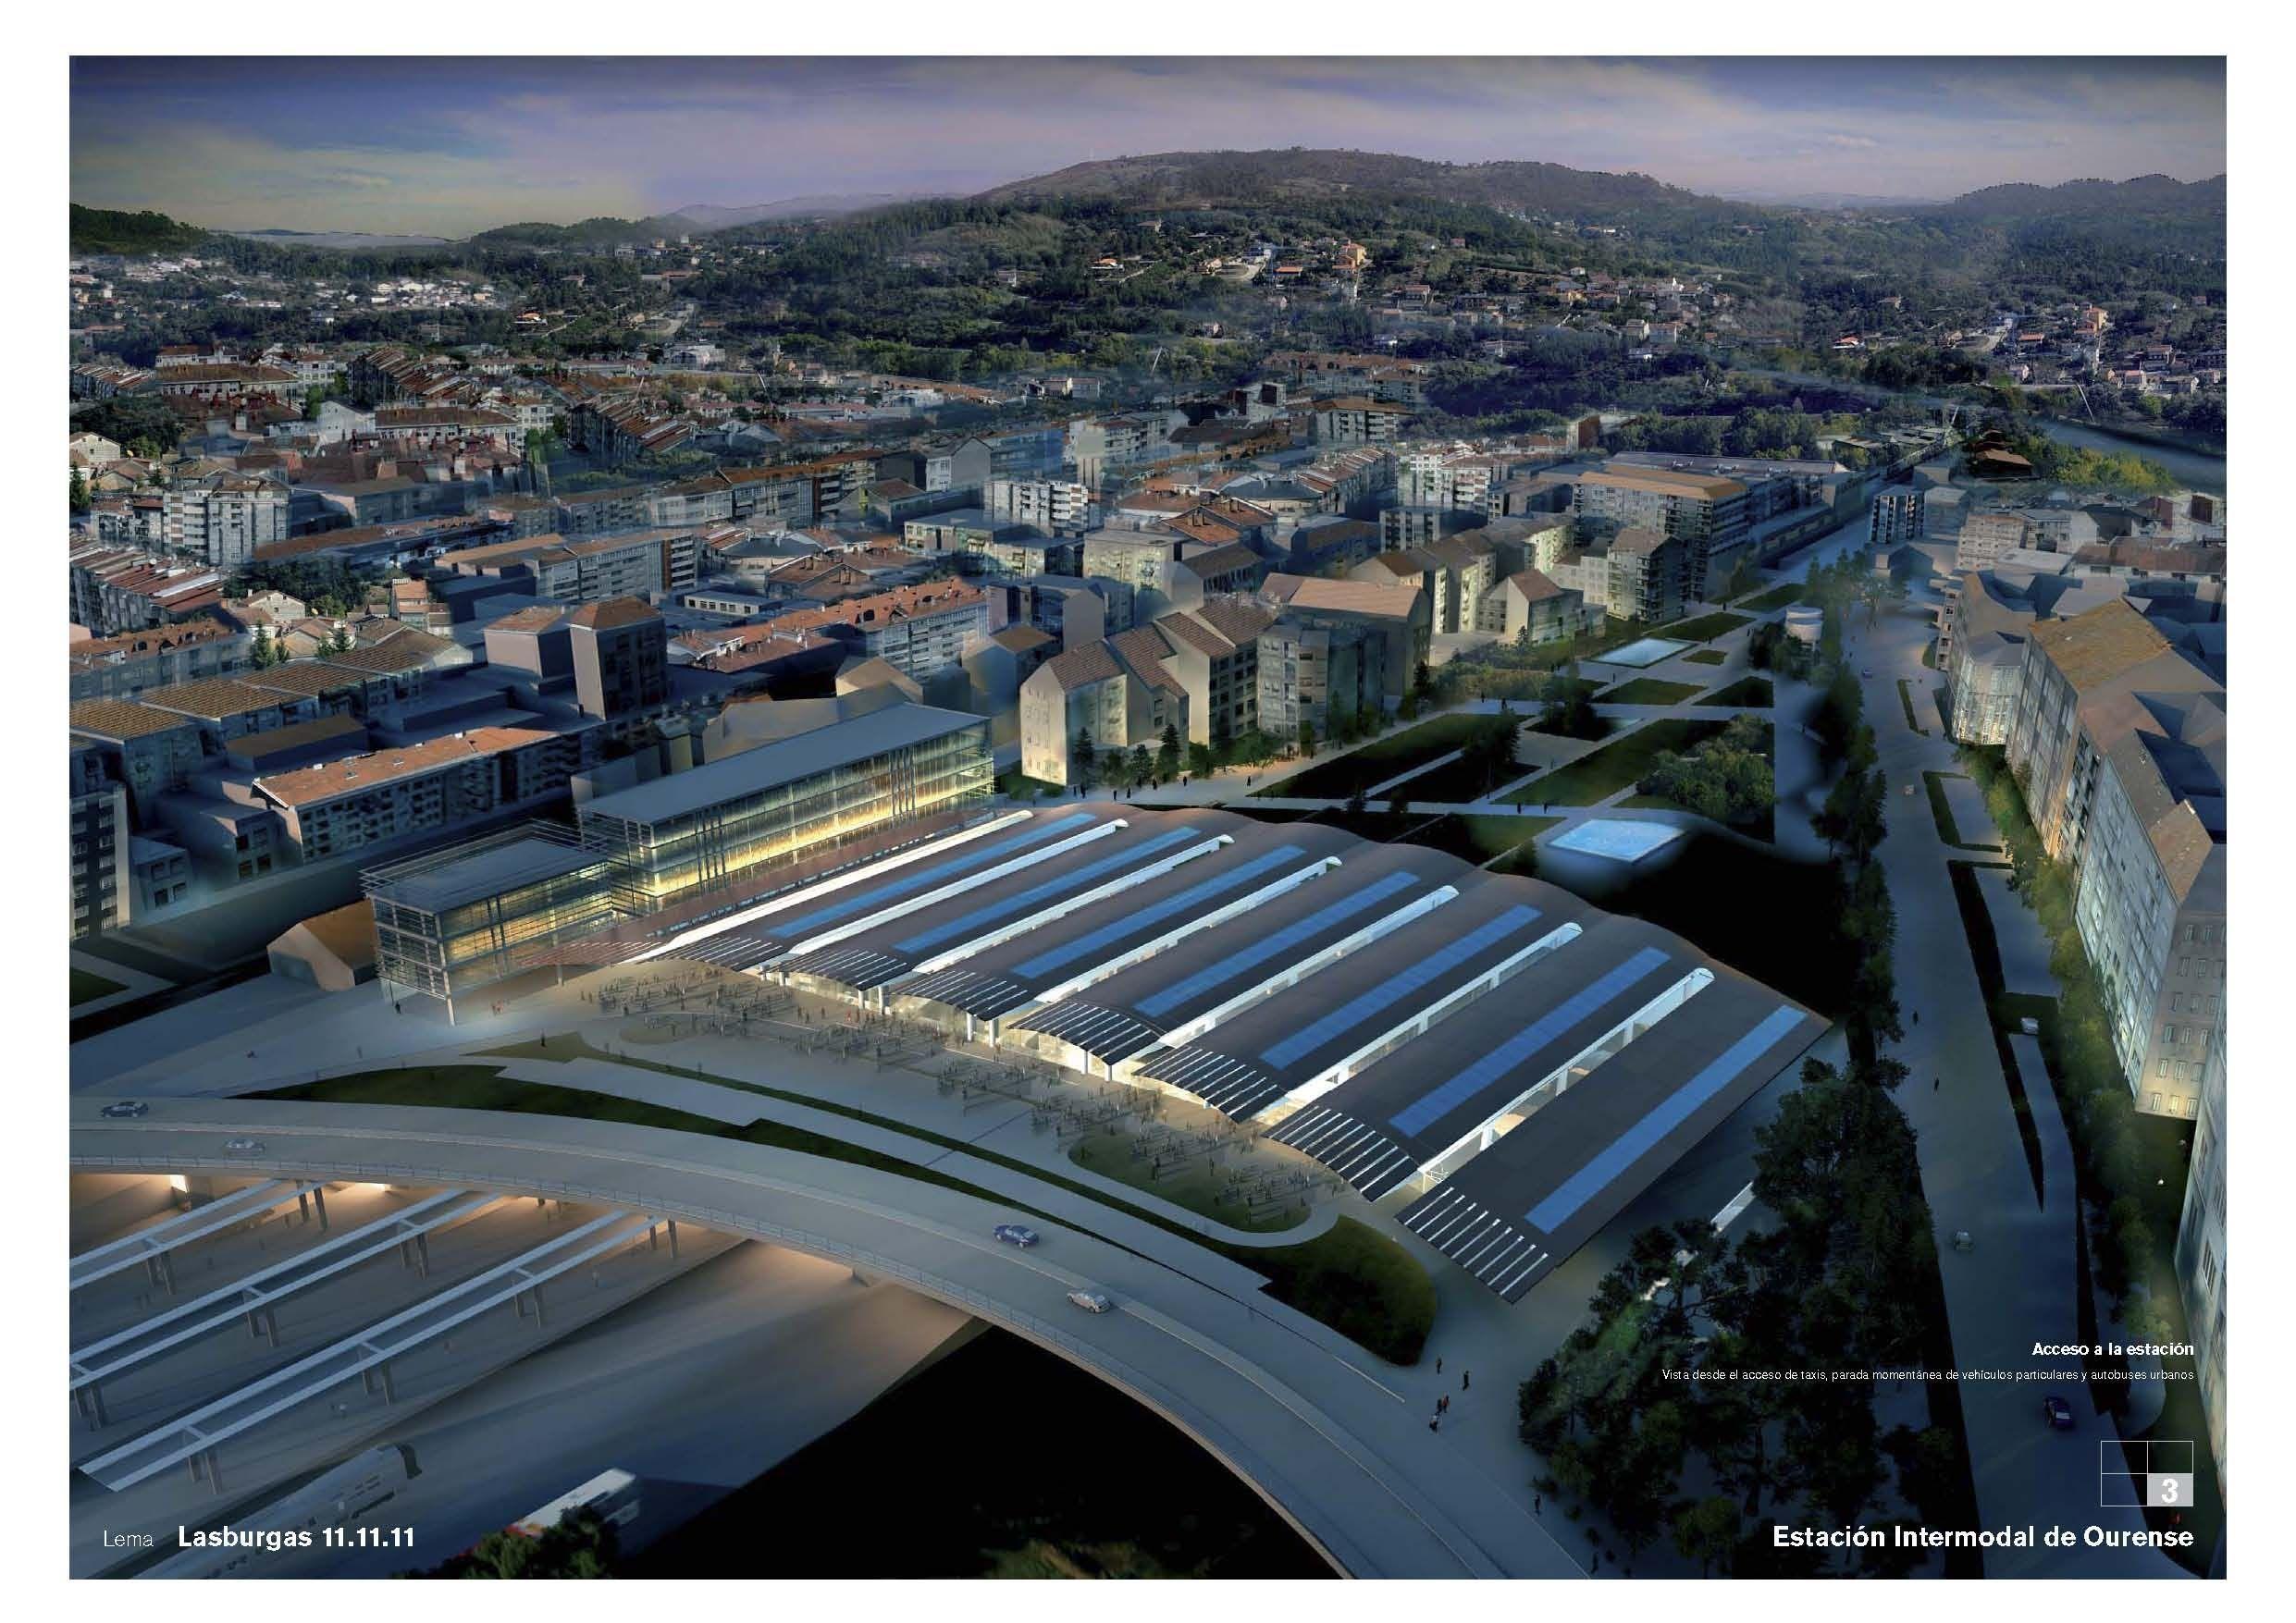 (Ampliación) Norman Foster diseñará la futura estación del AVE de Ourense